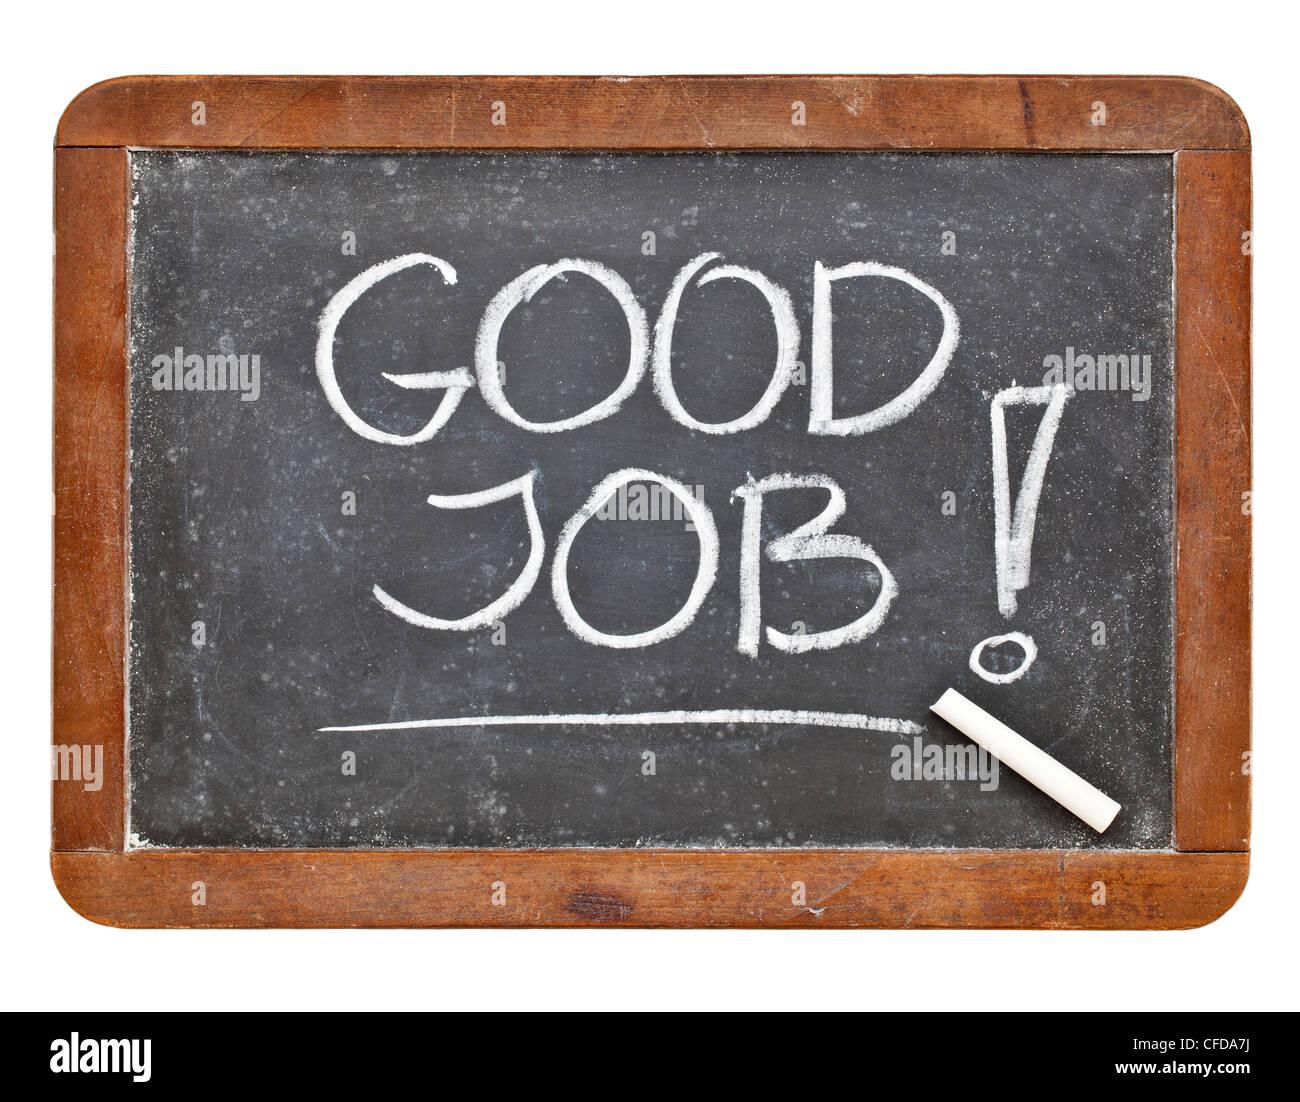 Good Job Imágenes De Stock & Good Job Fotos De Stock - Alamy